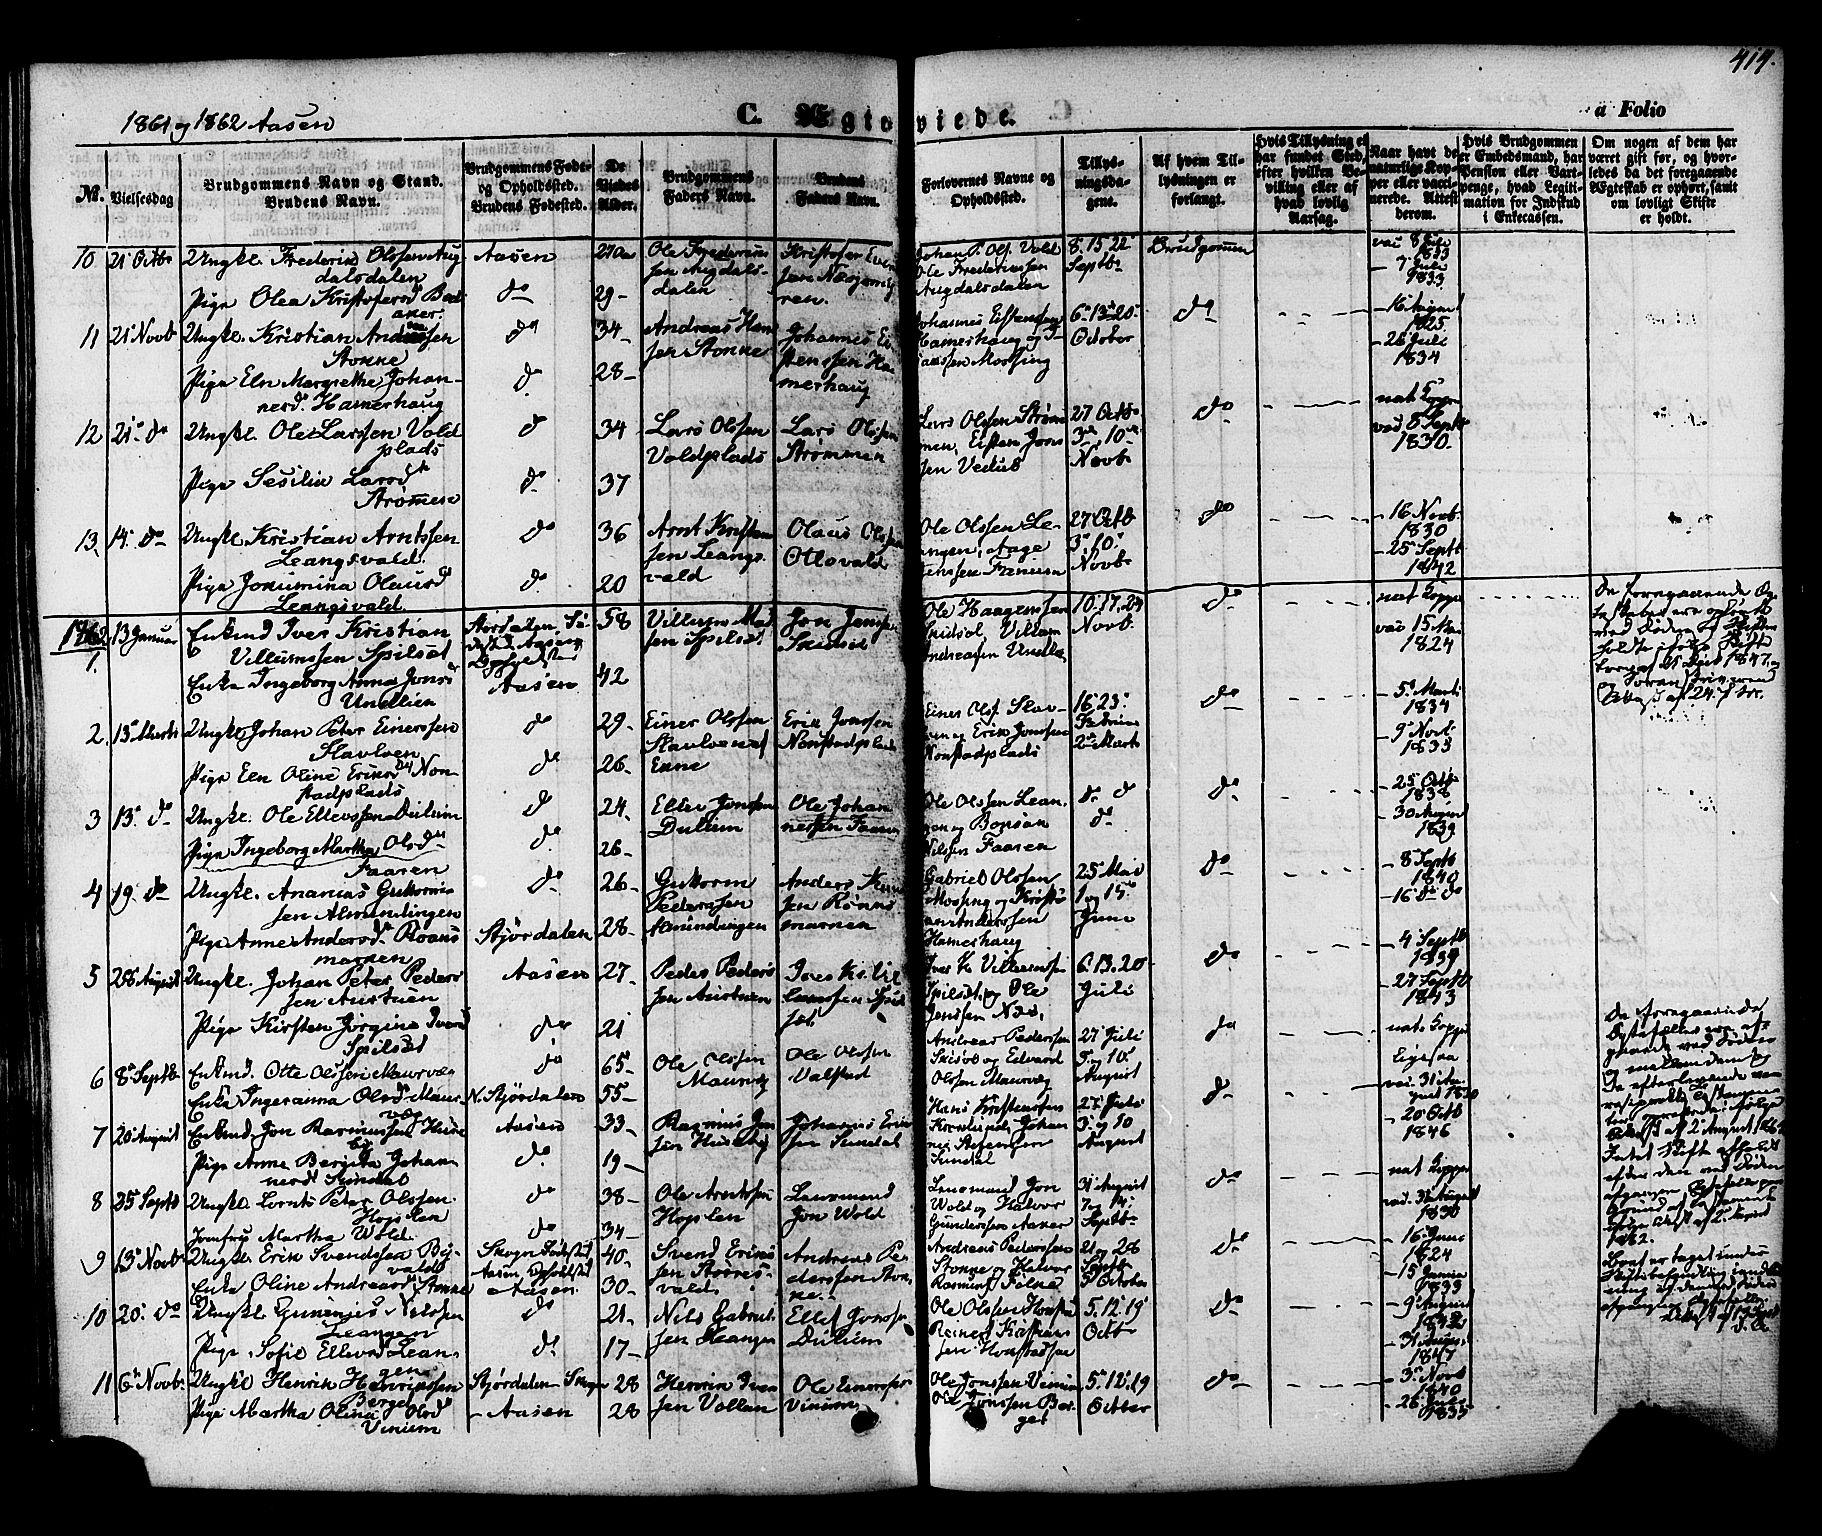 SAT, Ministerialprotokoller, klokkerbøker og fødselsregistre - Nord-Trøndelag, 713/L0116: Ministerialbok nr. 713A07 /2, 1850-1877, s. 414